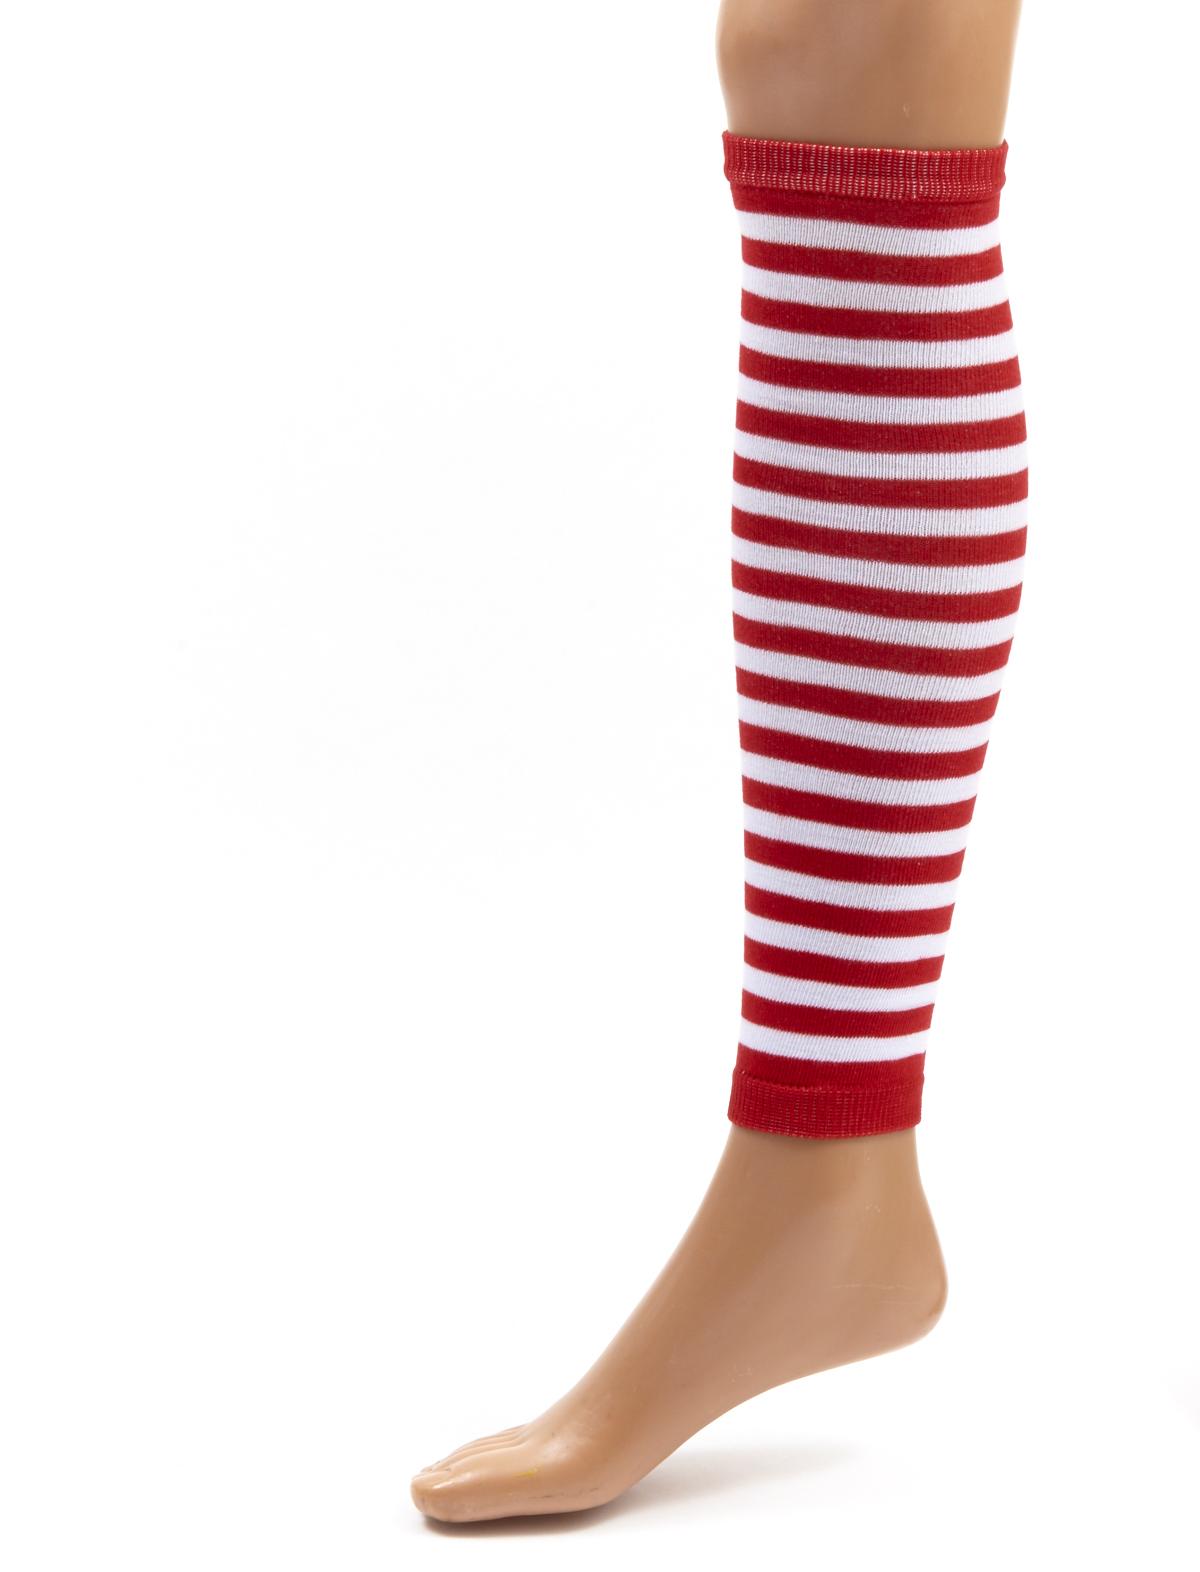 Beinwärmer geringelt, 50 cm rot-weiß